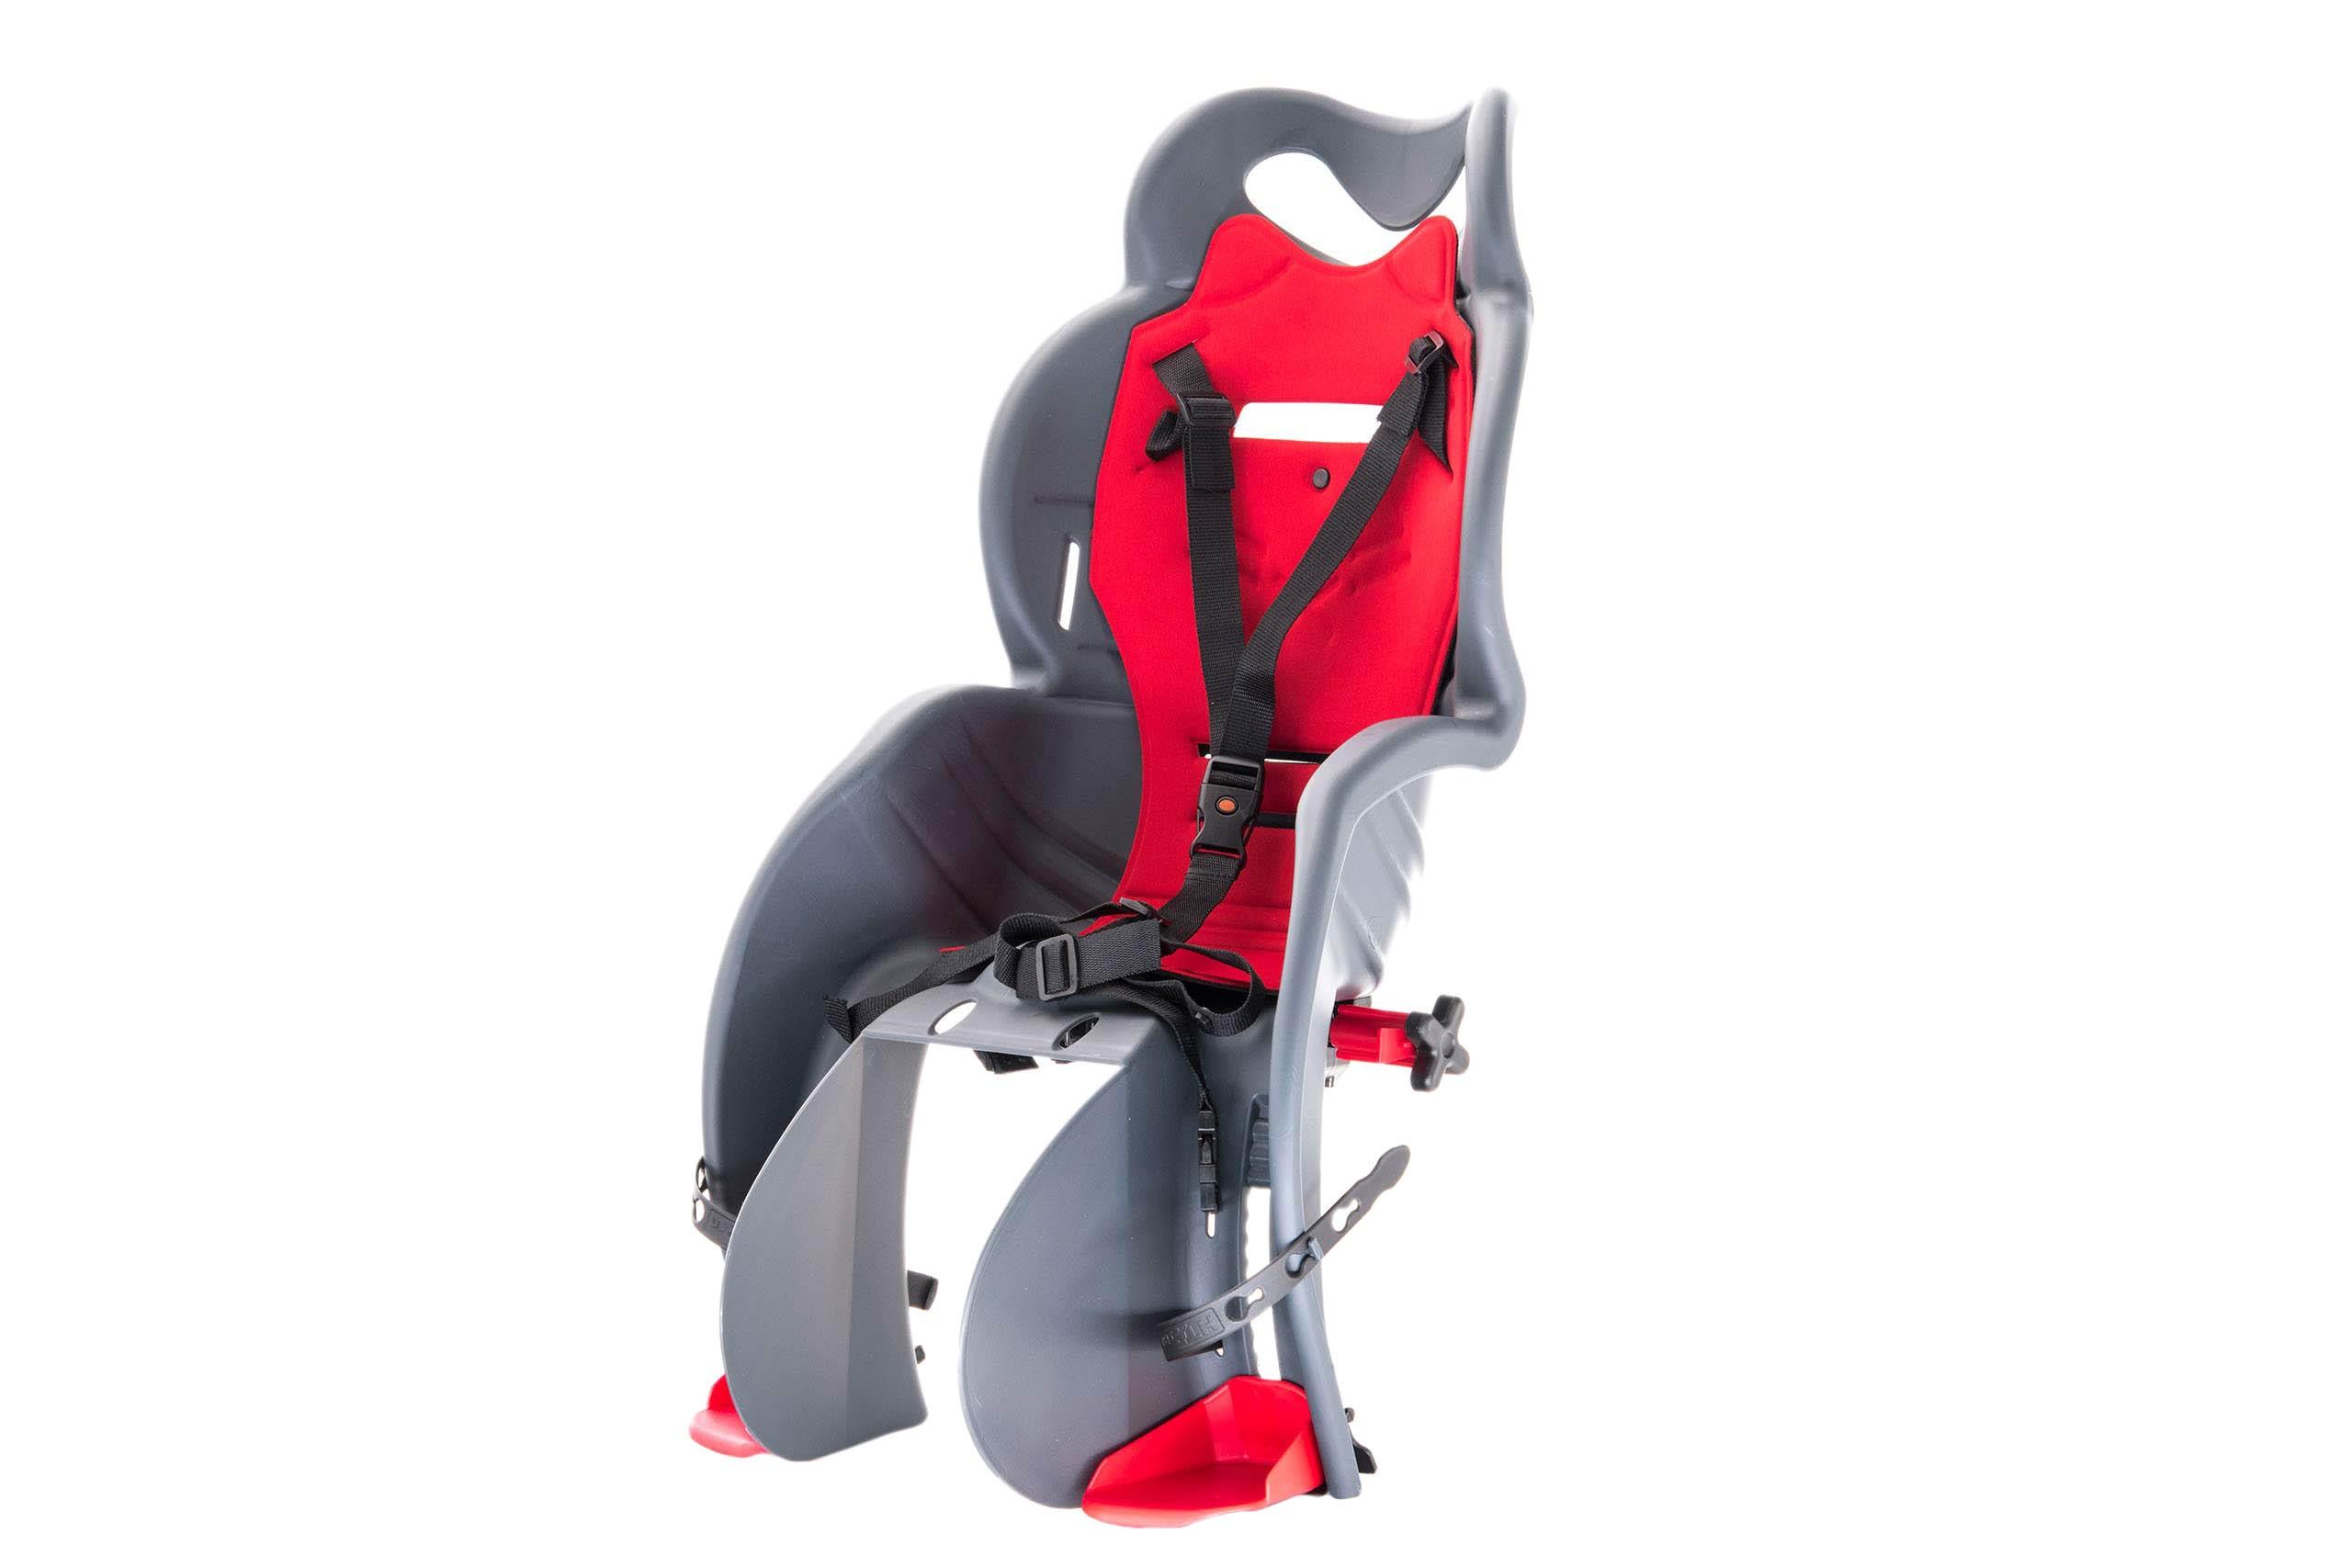 Fotelik dla dziecka  SANBAS na bagażnik ciemnoszary